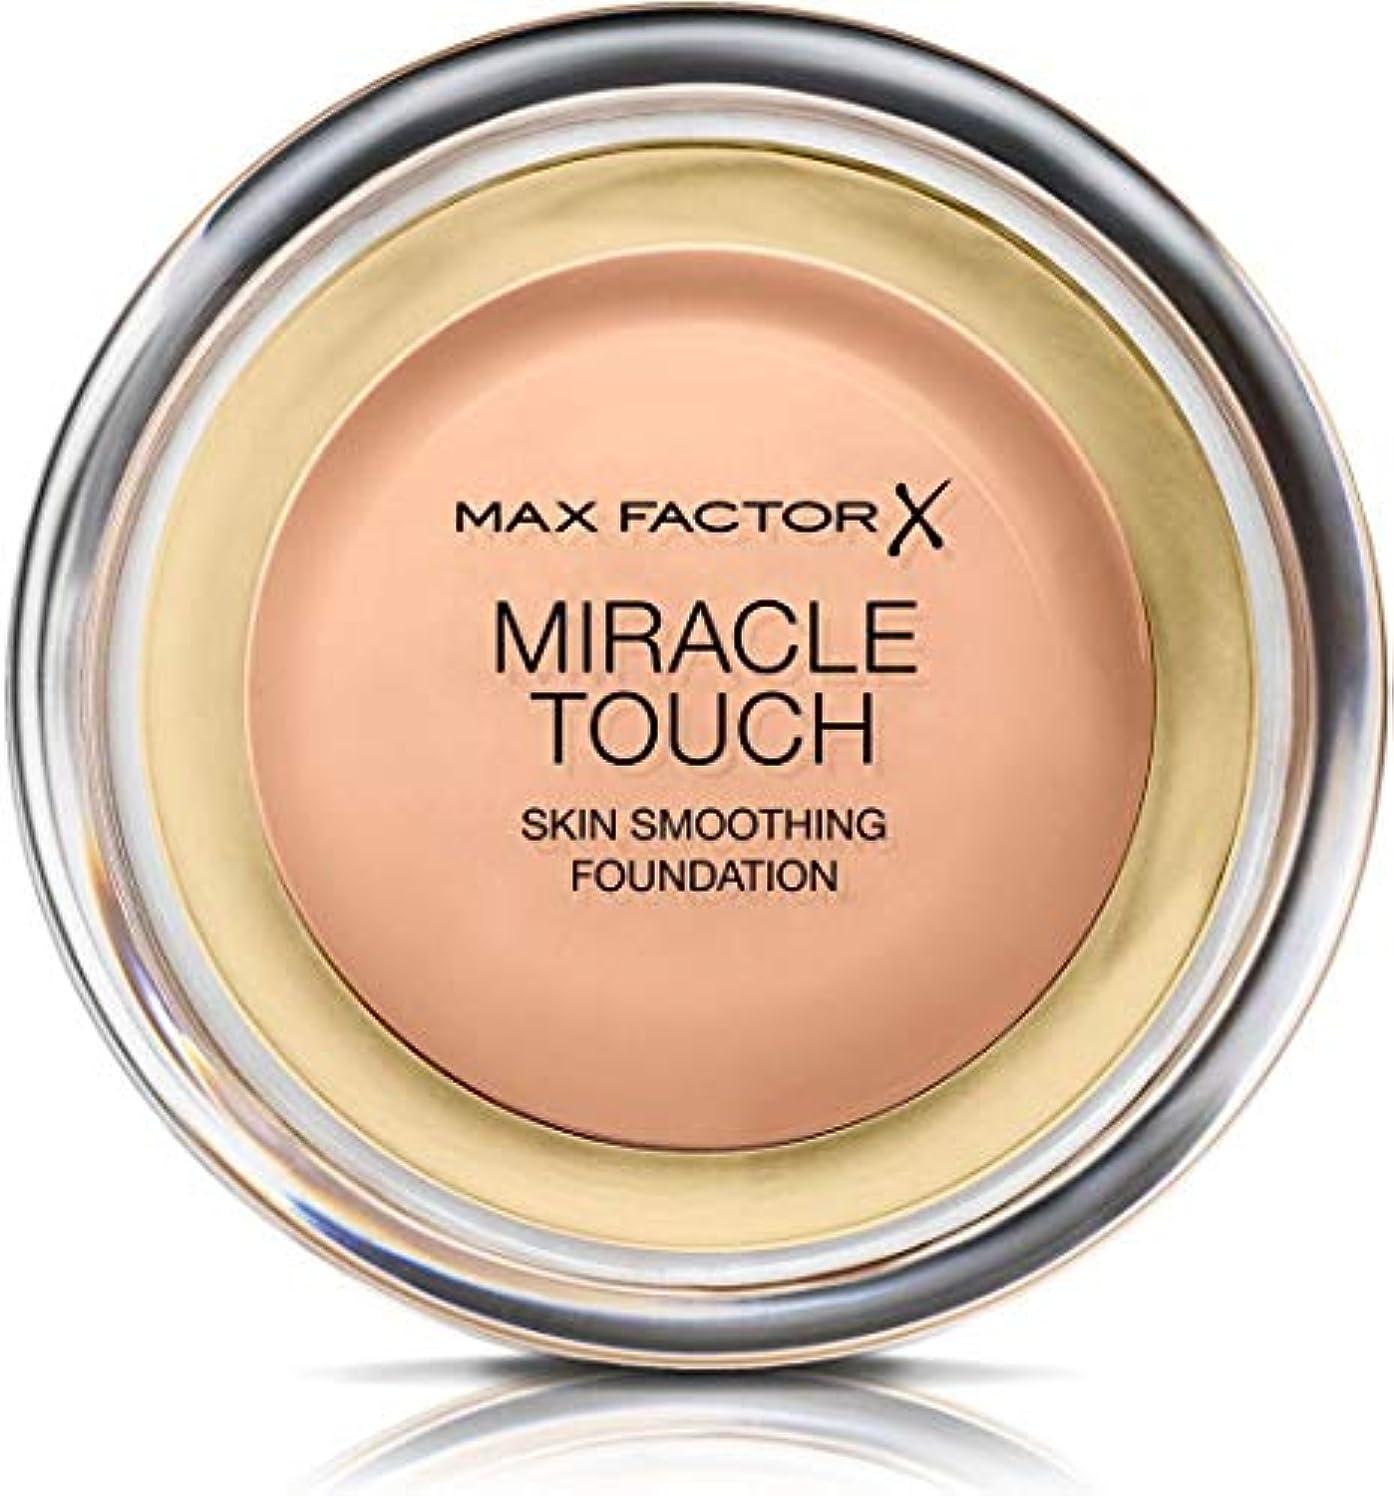 高さトラップファームマックス ファクター ミラクル タッチ スキン スムーズ ファウンデーション - ローズ ベージュ Max Factor Miracle Touch Skin Smoothing Foundation - Rose Beige 065 [並行輸入品]